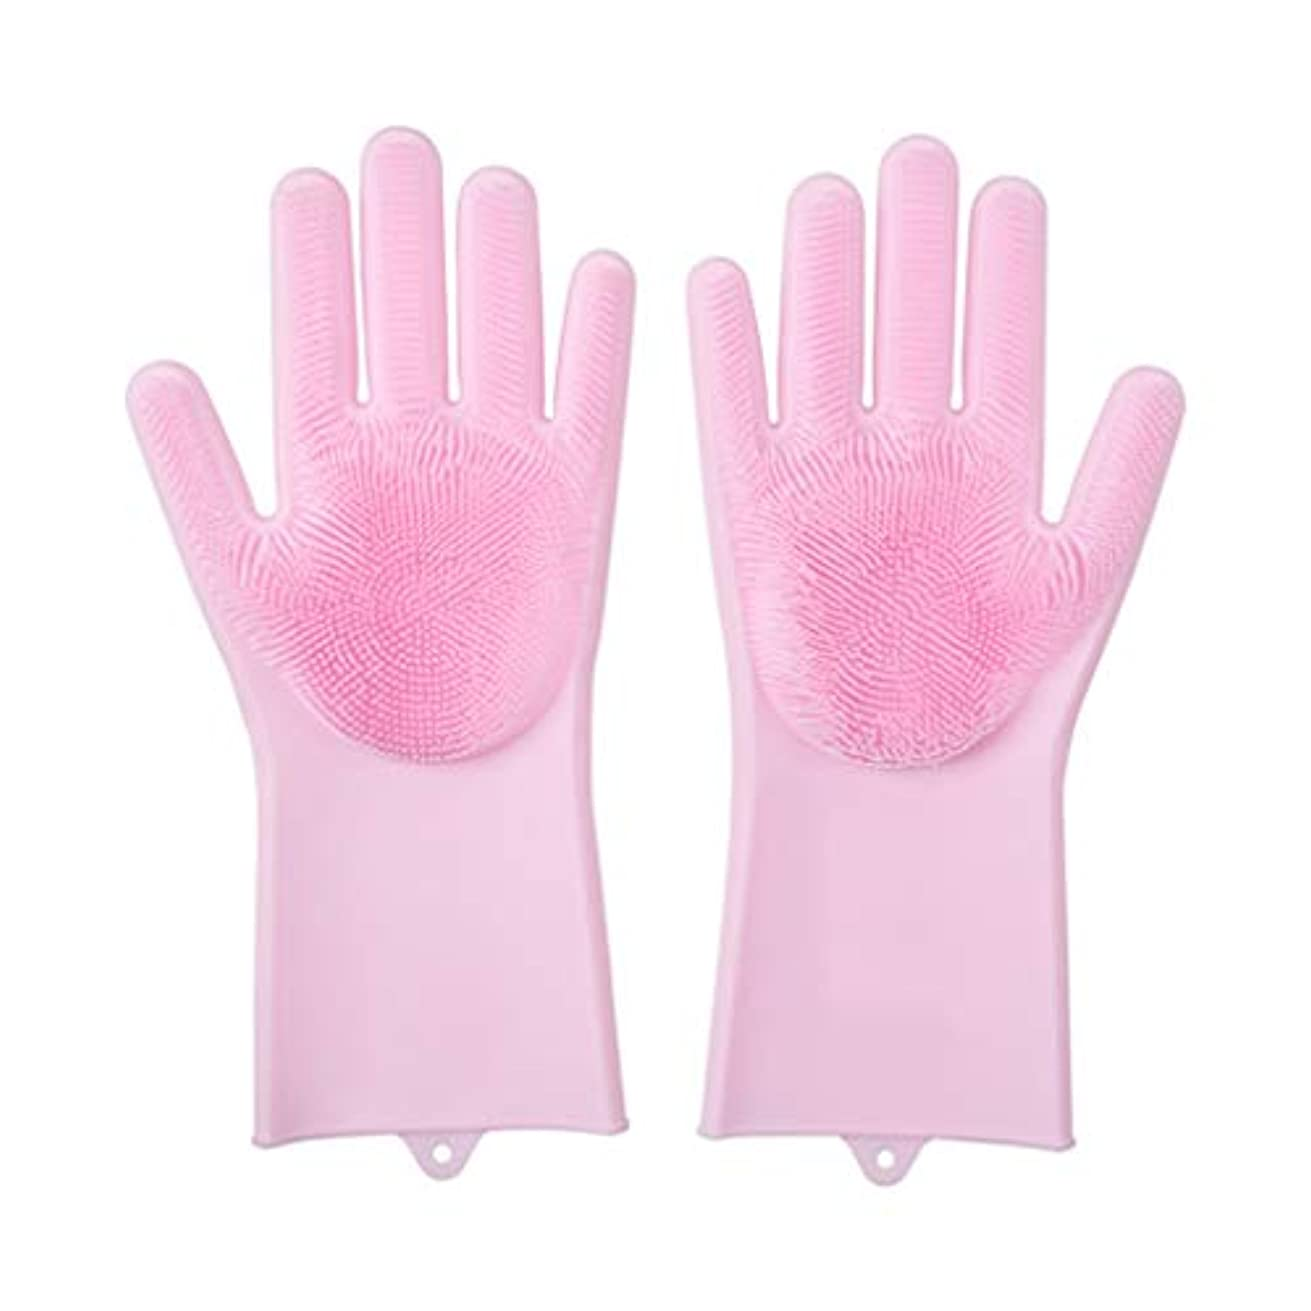 ペグルール解凍する、雪解け、霜解けLIUXIN スクラバー付きシリコン食器洗い手袋多機能家事ゴム手袋13.5×32.5センチマルチカラーオプション ゴム手袋 (Color : Pink)